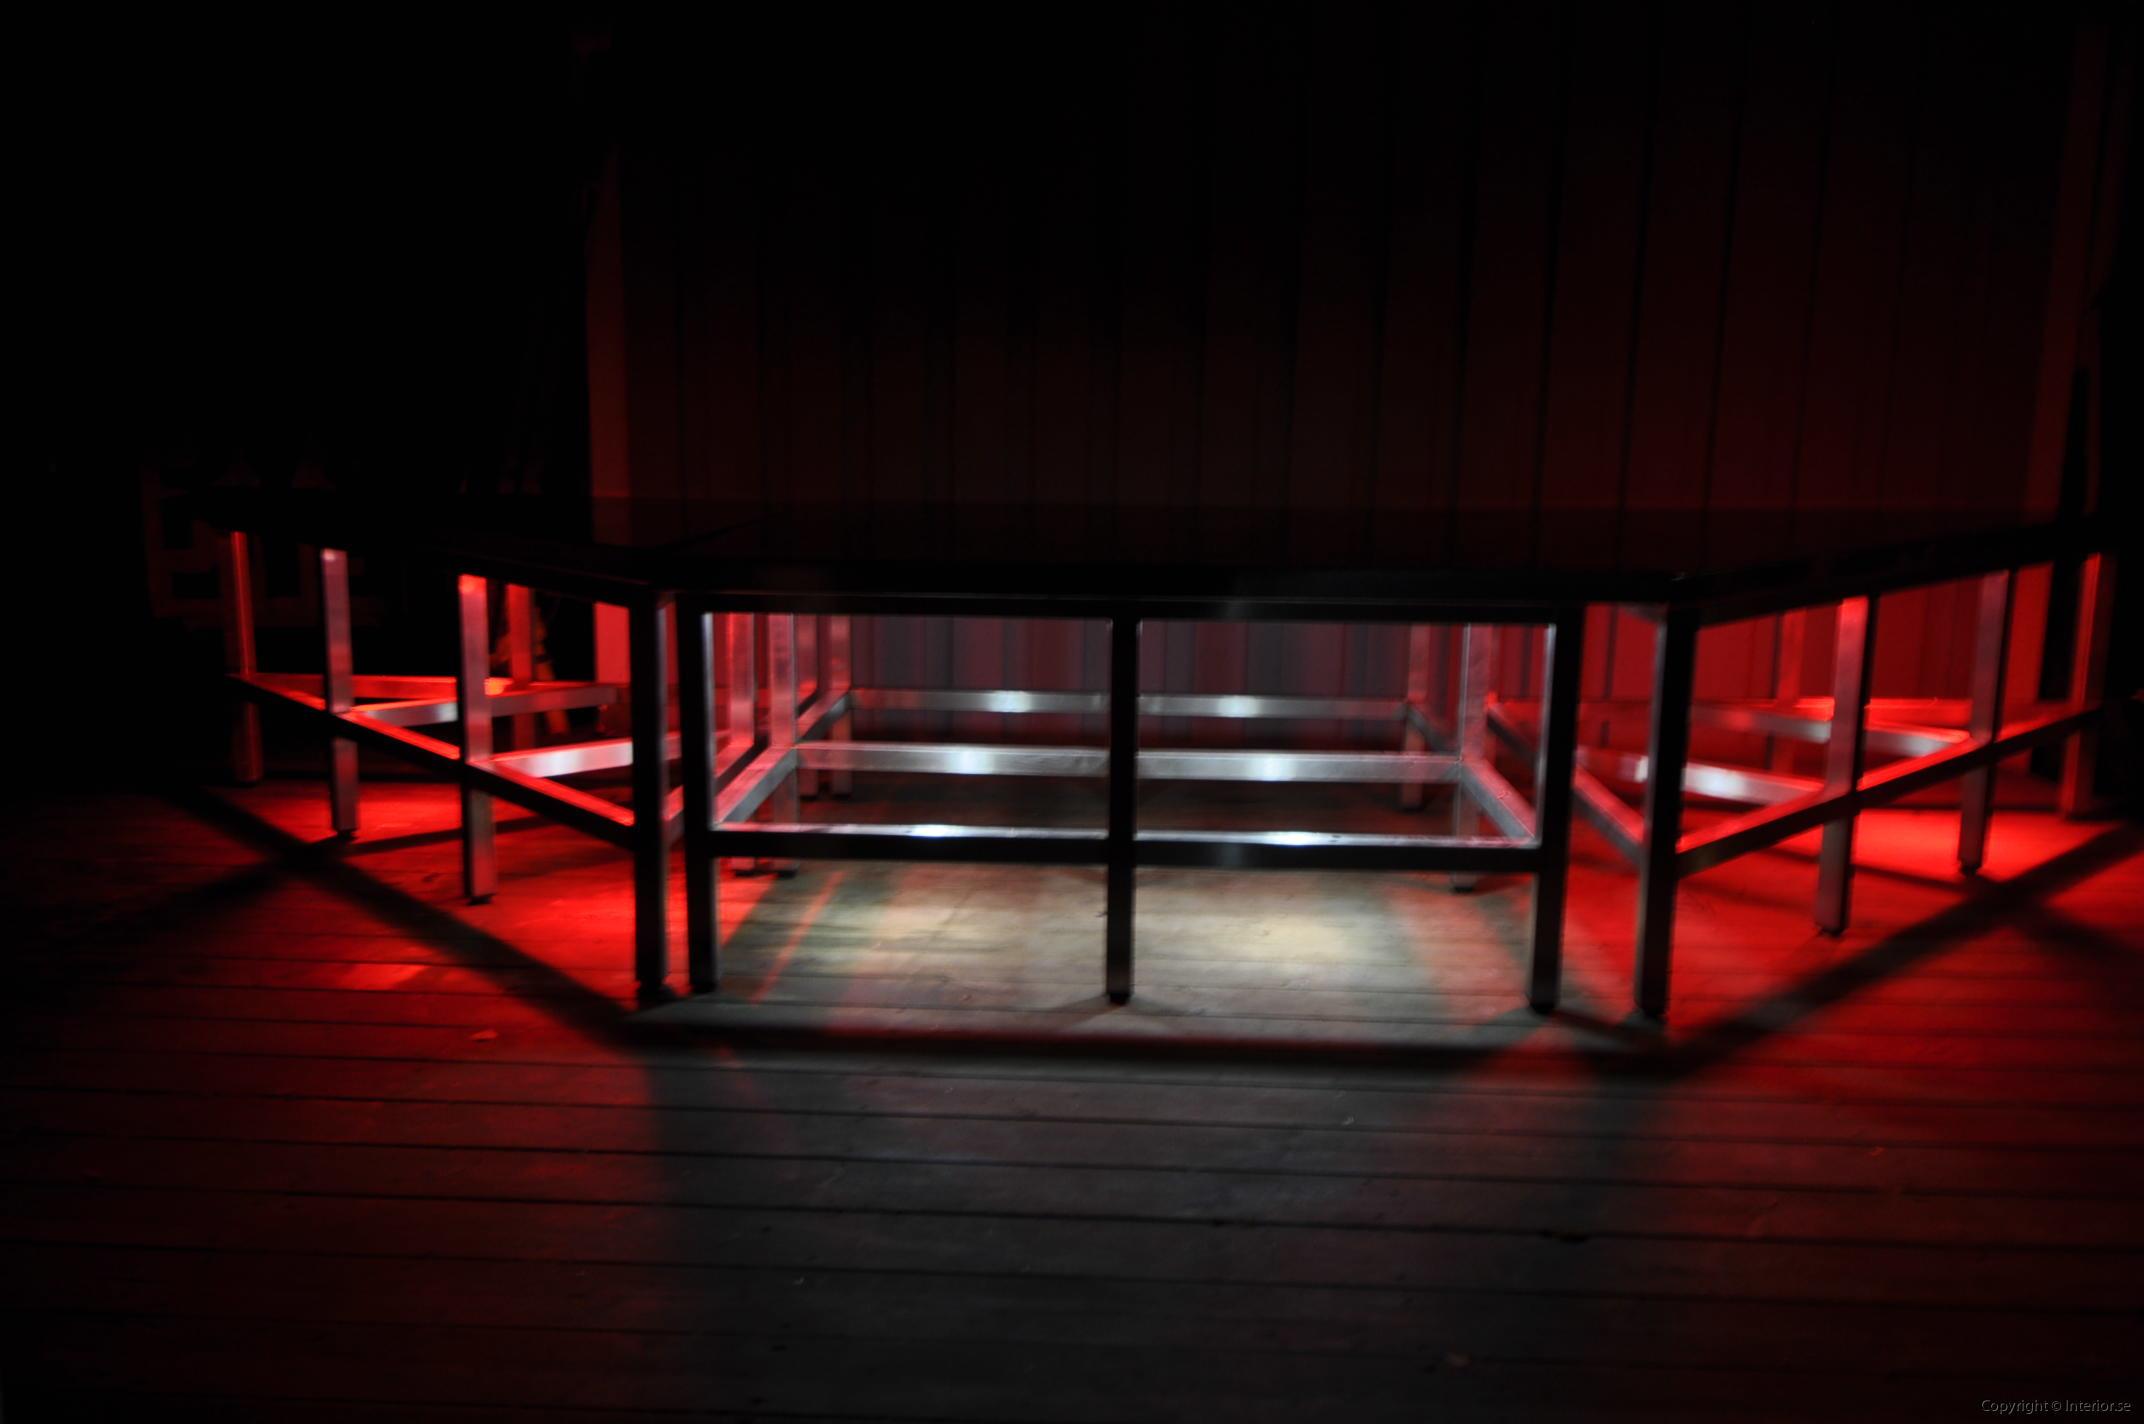 hyra scen podier podium rostfri dansscen hyr stockholm event möbler inredning (11)